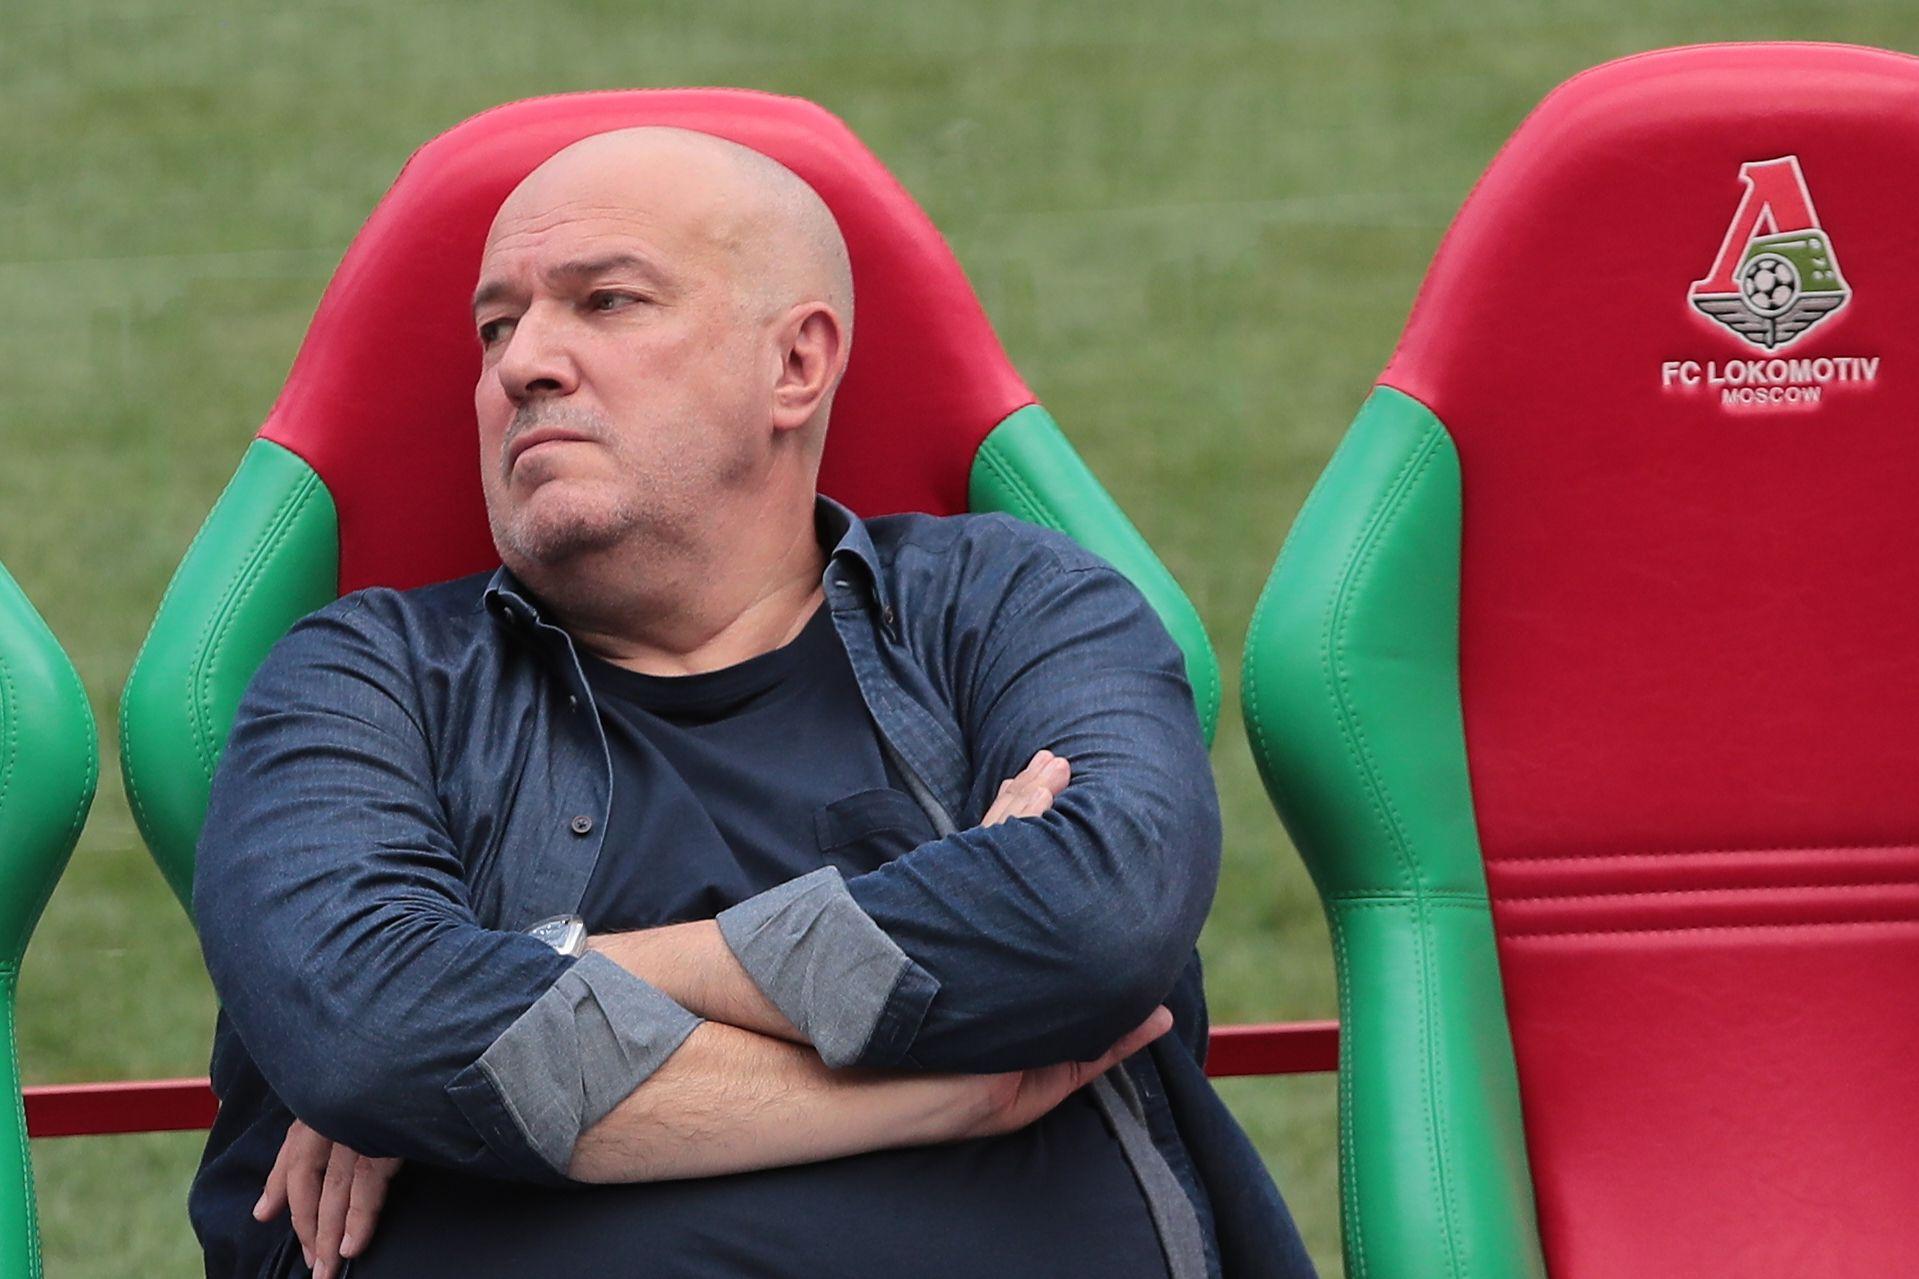 Бывший PR-директор 'Локомотива' рассказал, как поругался с Кикнадзе после решения об уходе Сёмина